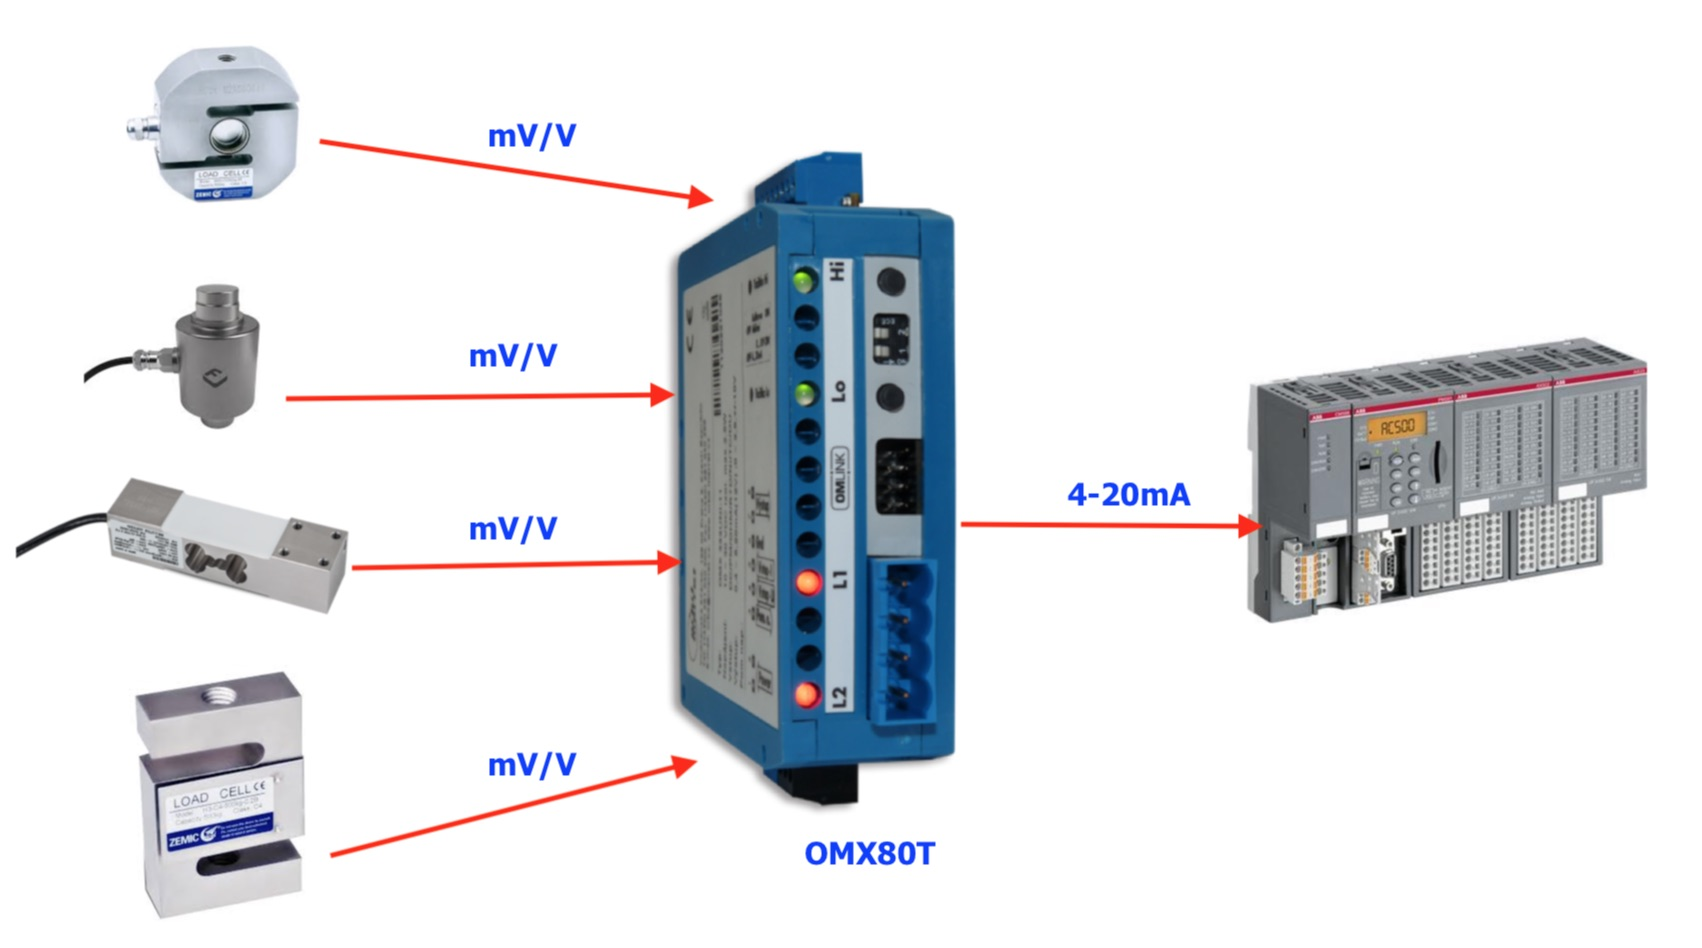 Minh hoạ chức năng bộ chuyển đổi loadcell sang 4-20ma